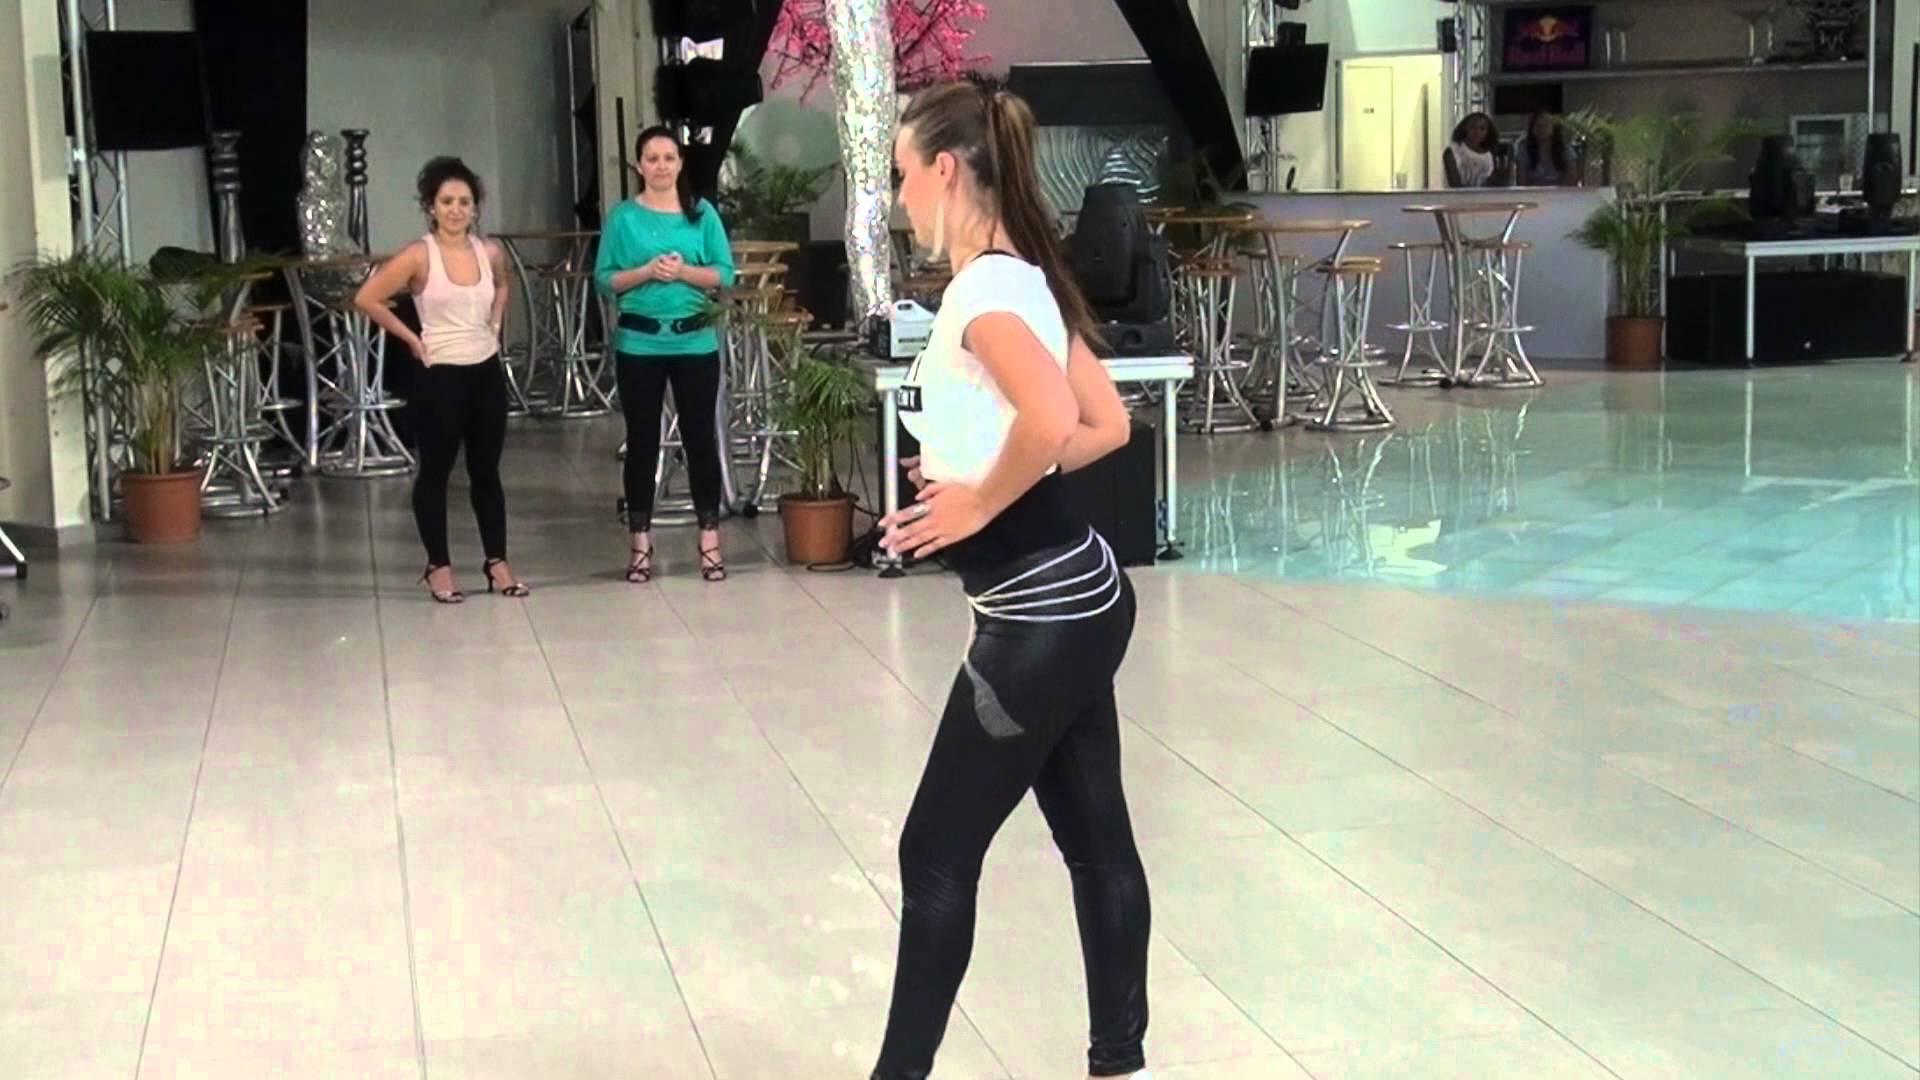 [VÍDEO] El baile femenino más sensual del mundo que levanta pasiones